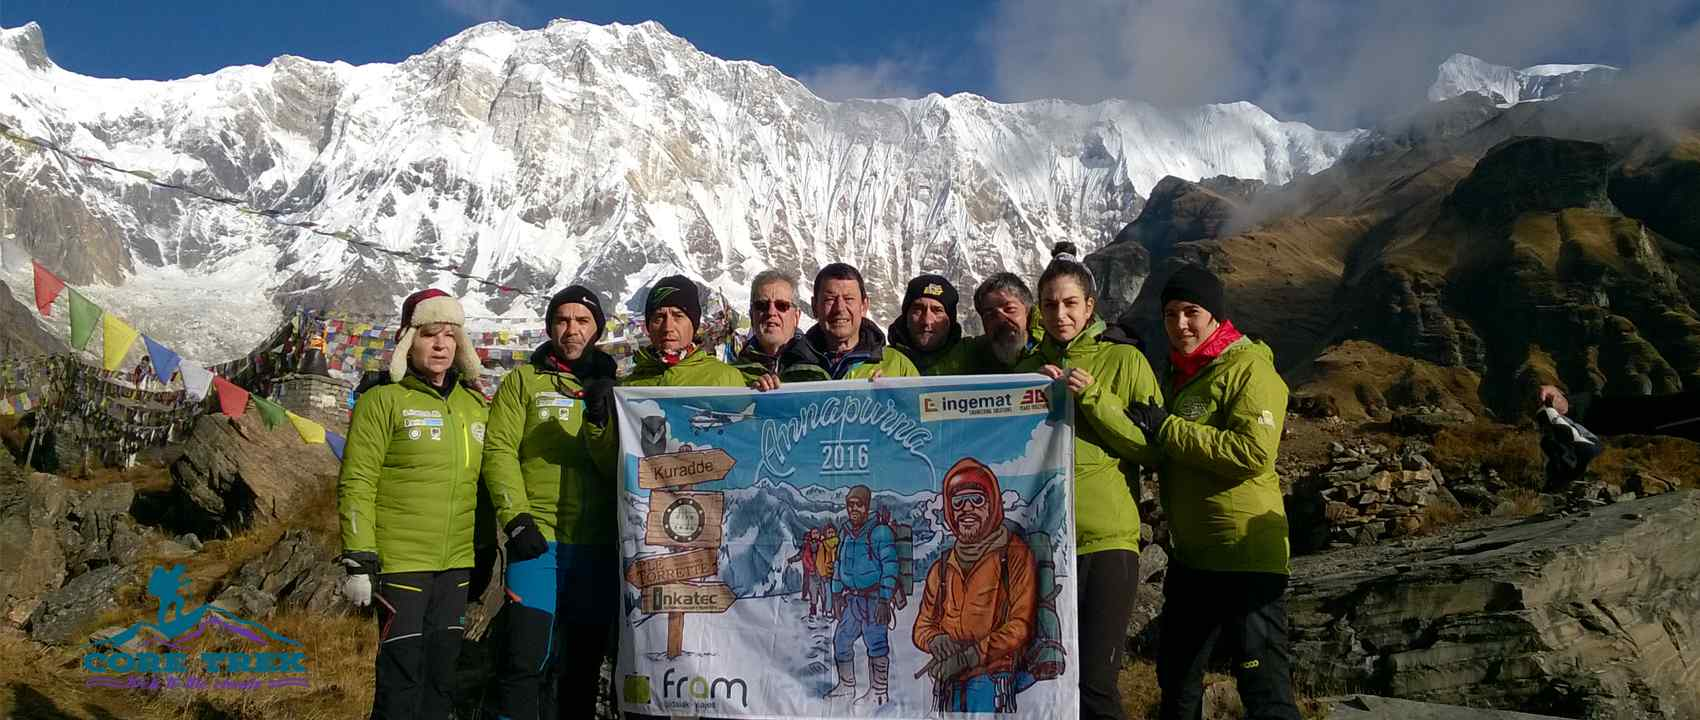 Annapurna Base Camp Short Trek In Nepal